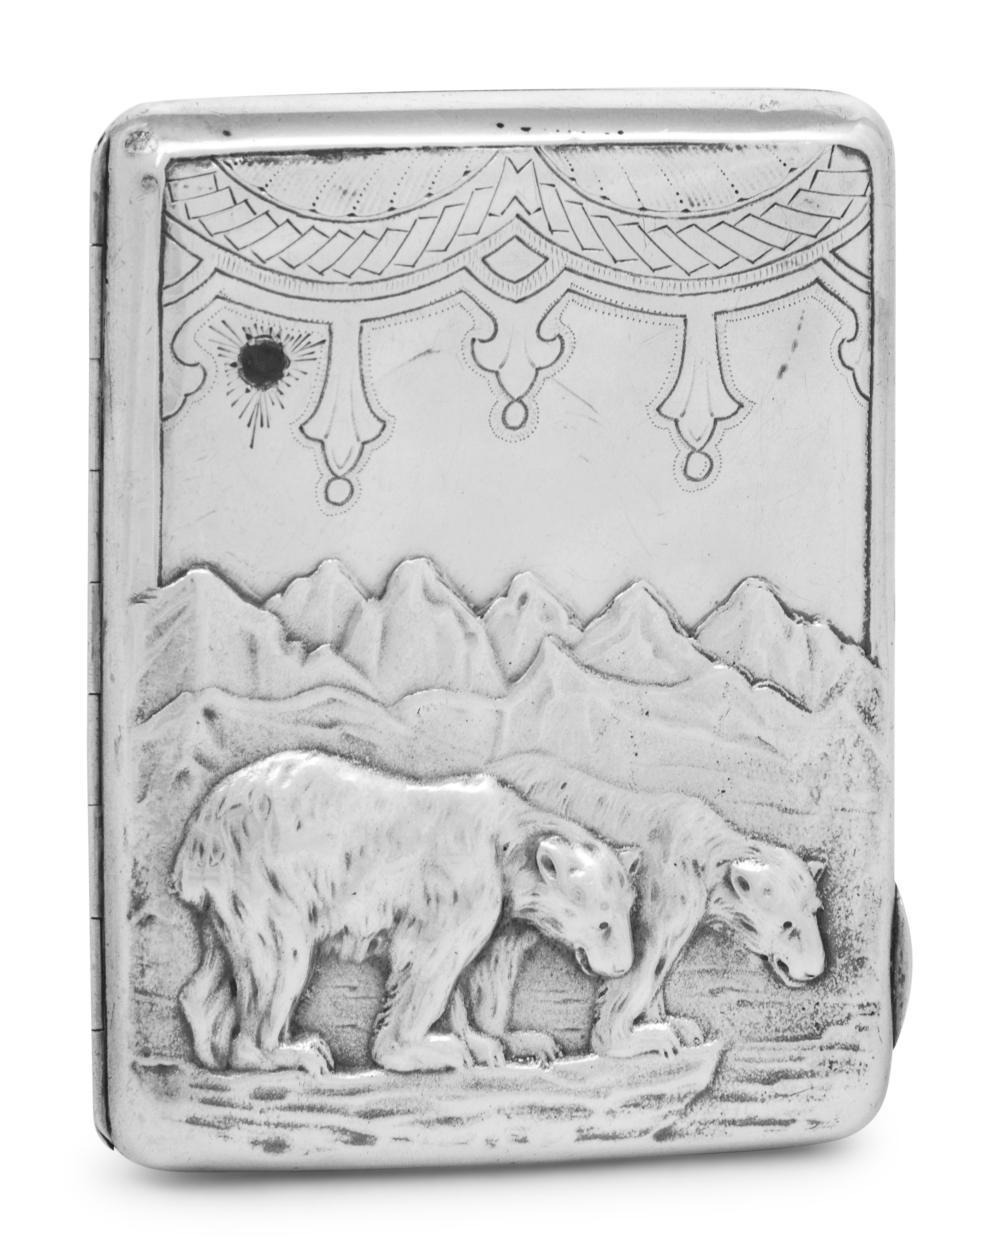 A Russian Silver and Emerald-Inset Cigarette Case